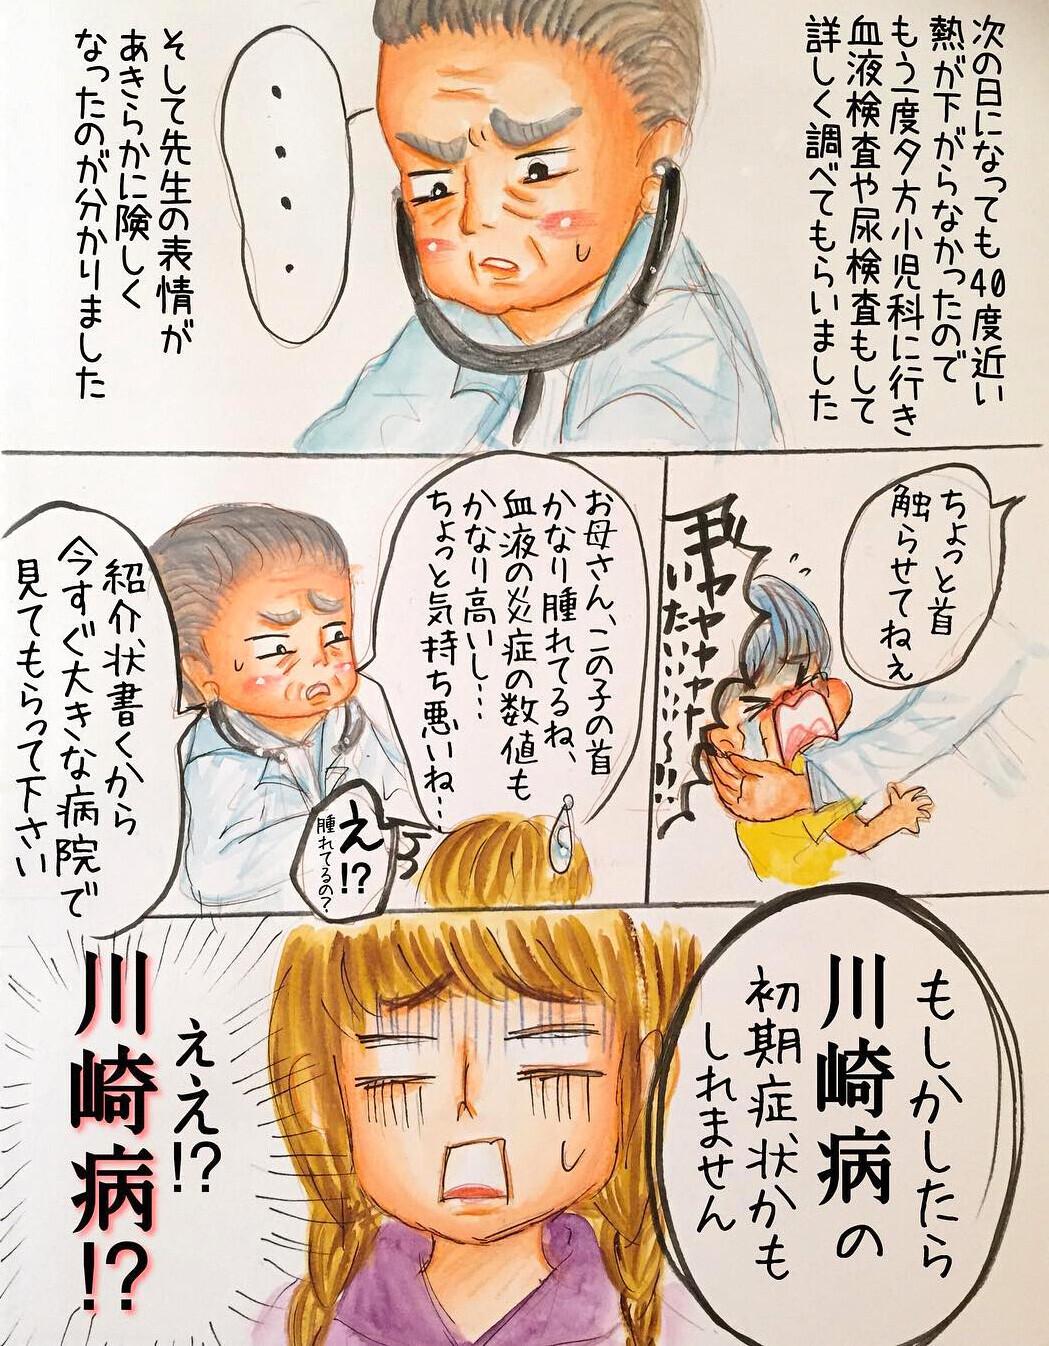 子どもが川崎病に! 病院と職場の板挟み生活が始まった…!【長男の川崎病と職場の板挟みで大変だった話 Vol.1】